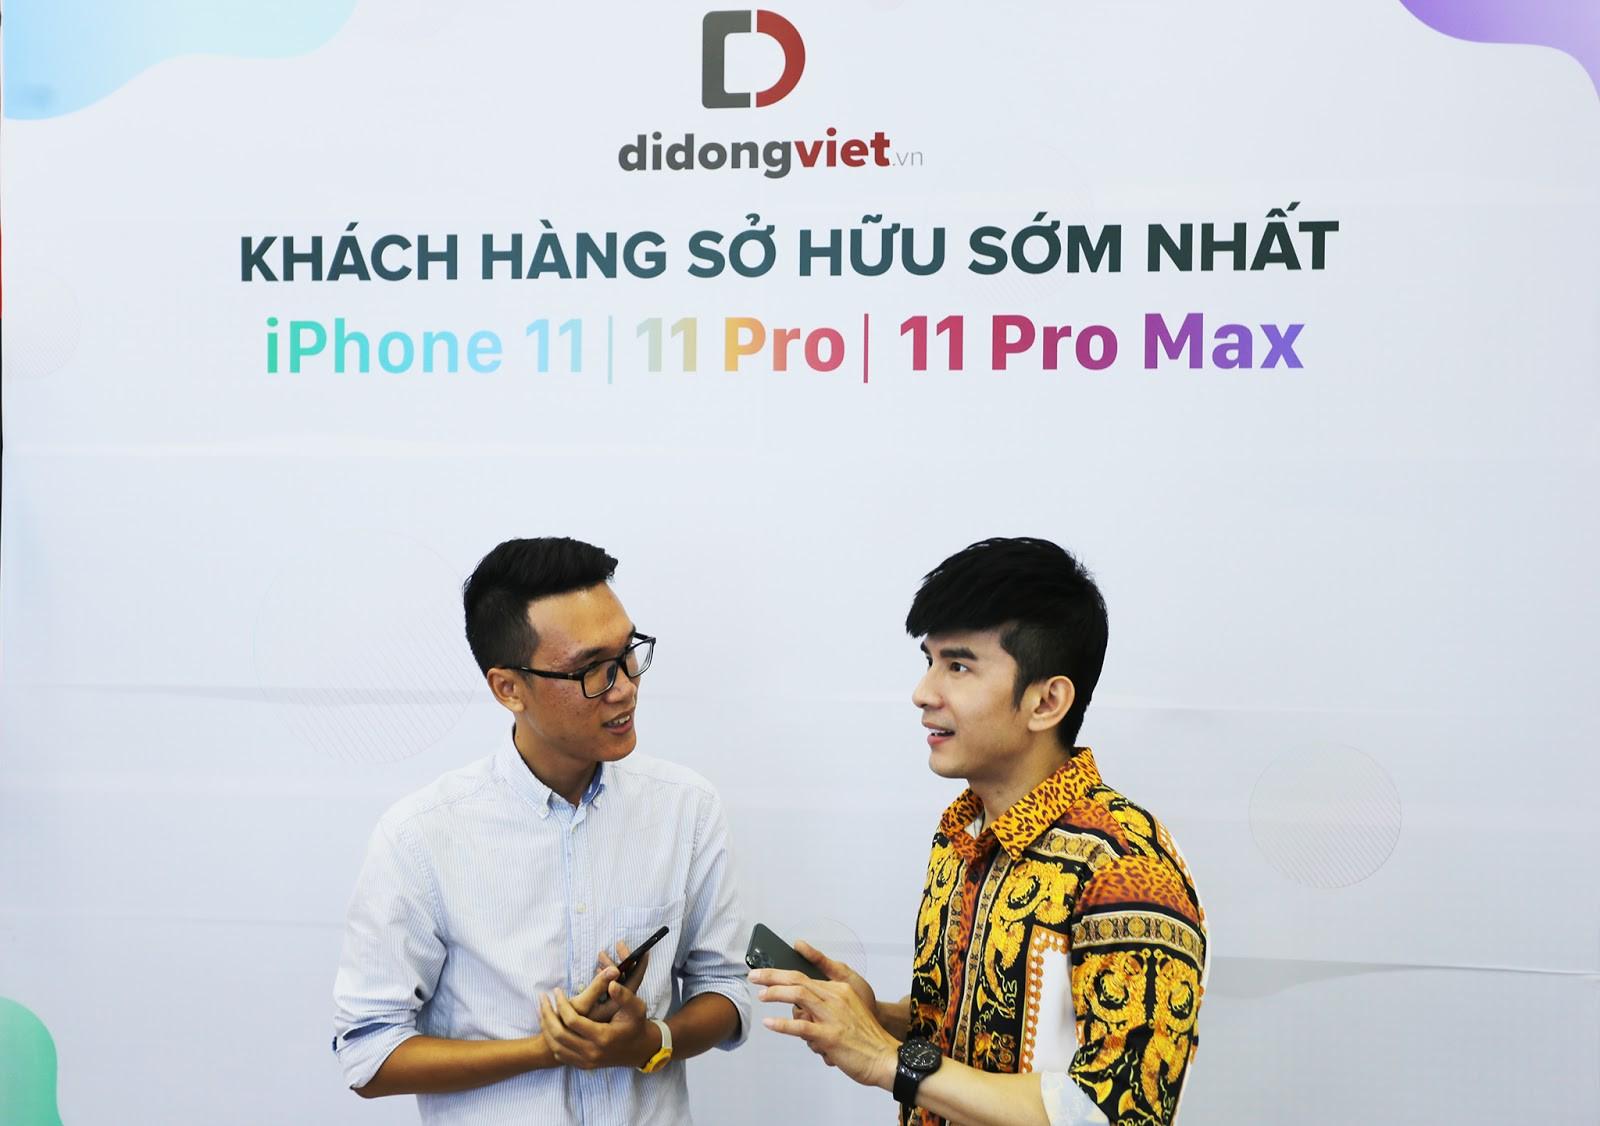 Anh Bo Đan Trường bất ngờ đến Di Động Việt để tậu iPhone 11 Pro Max - Ảnh 4.